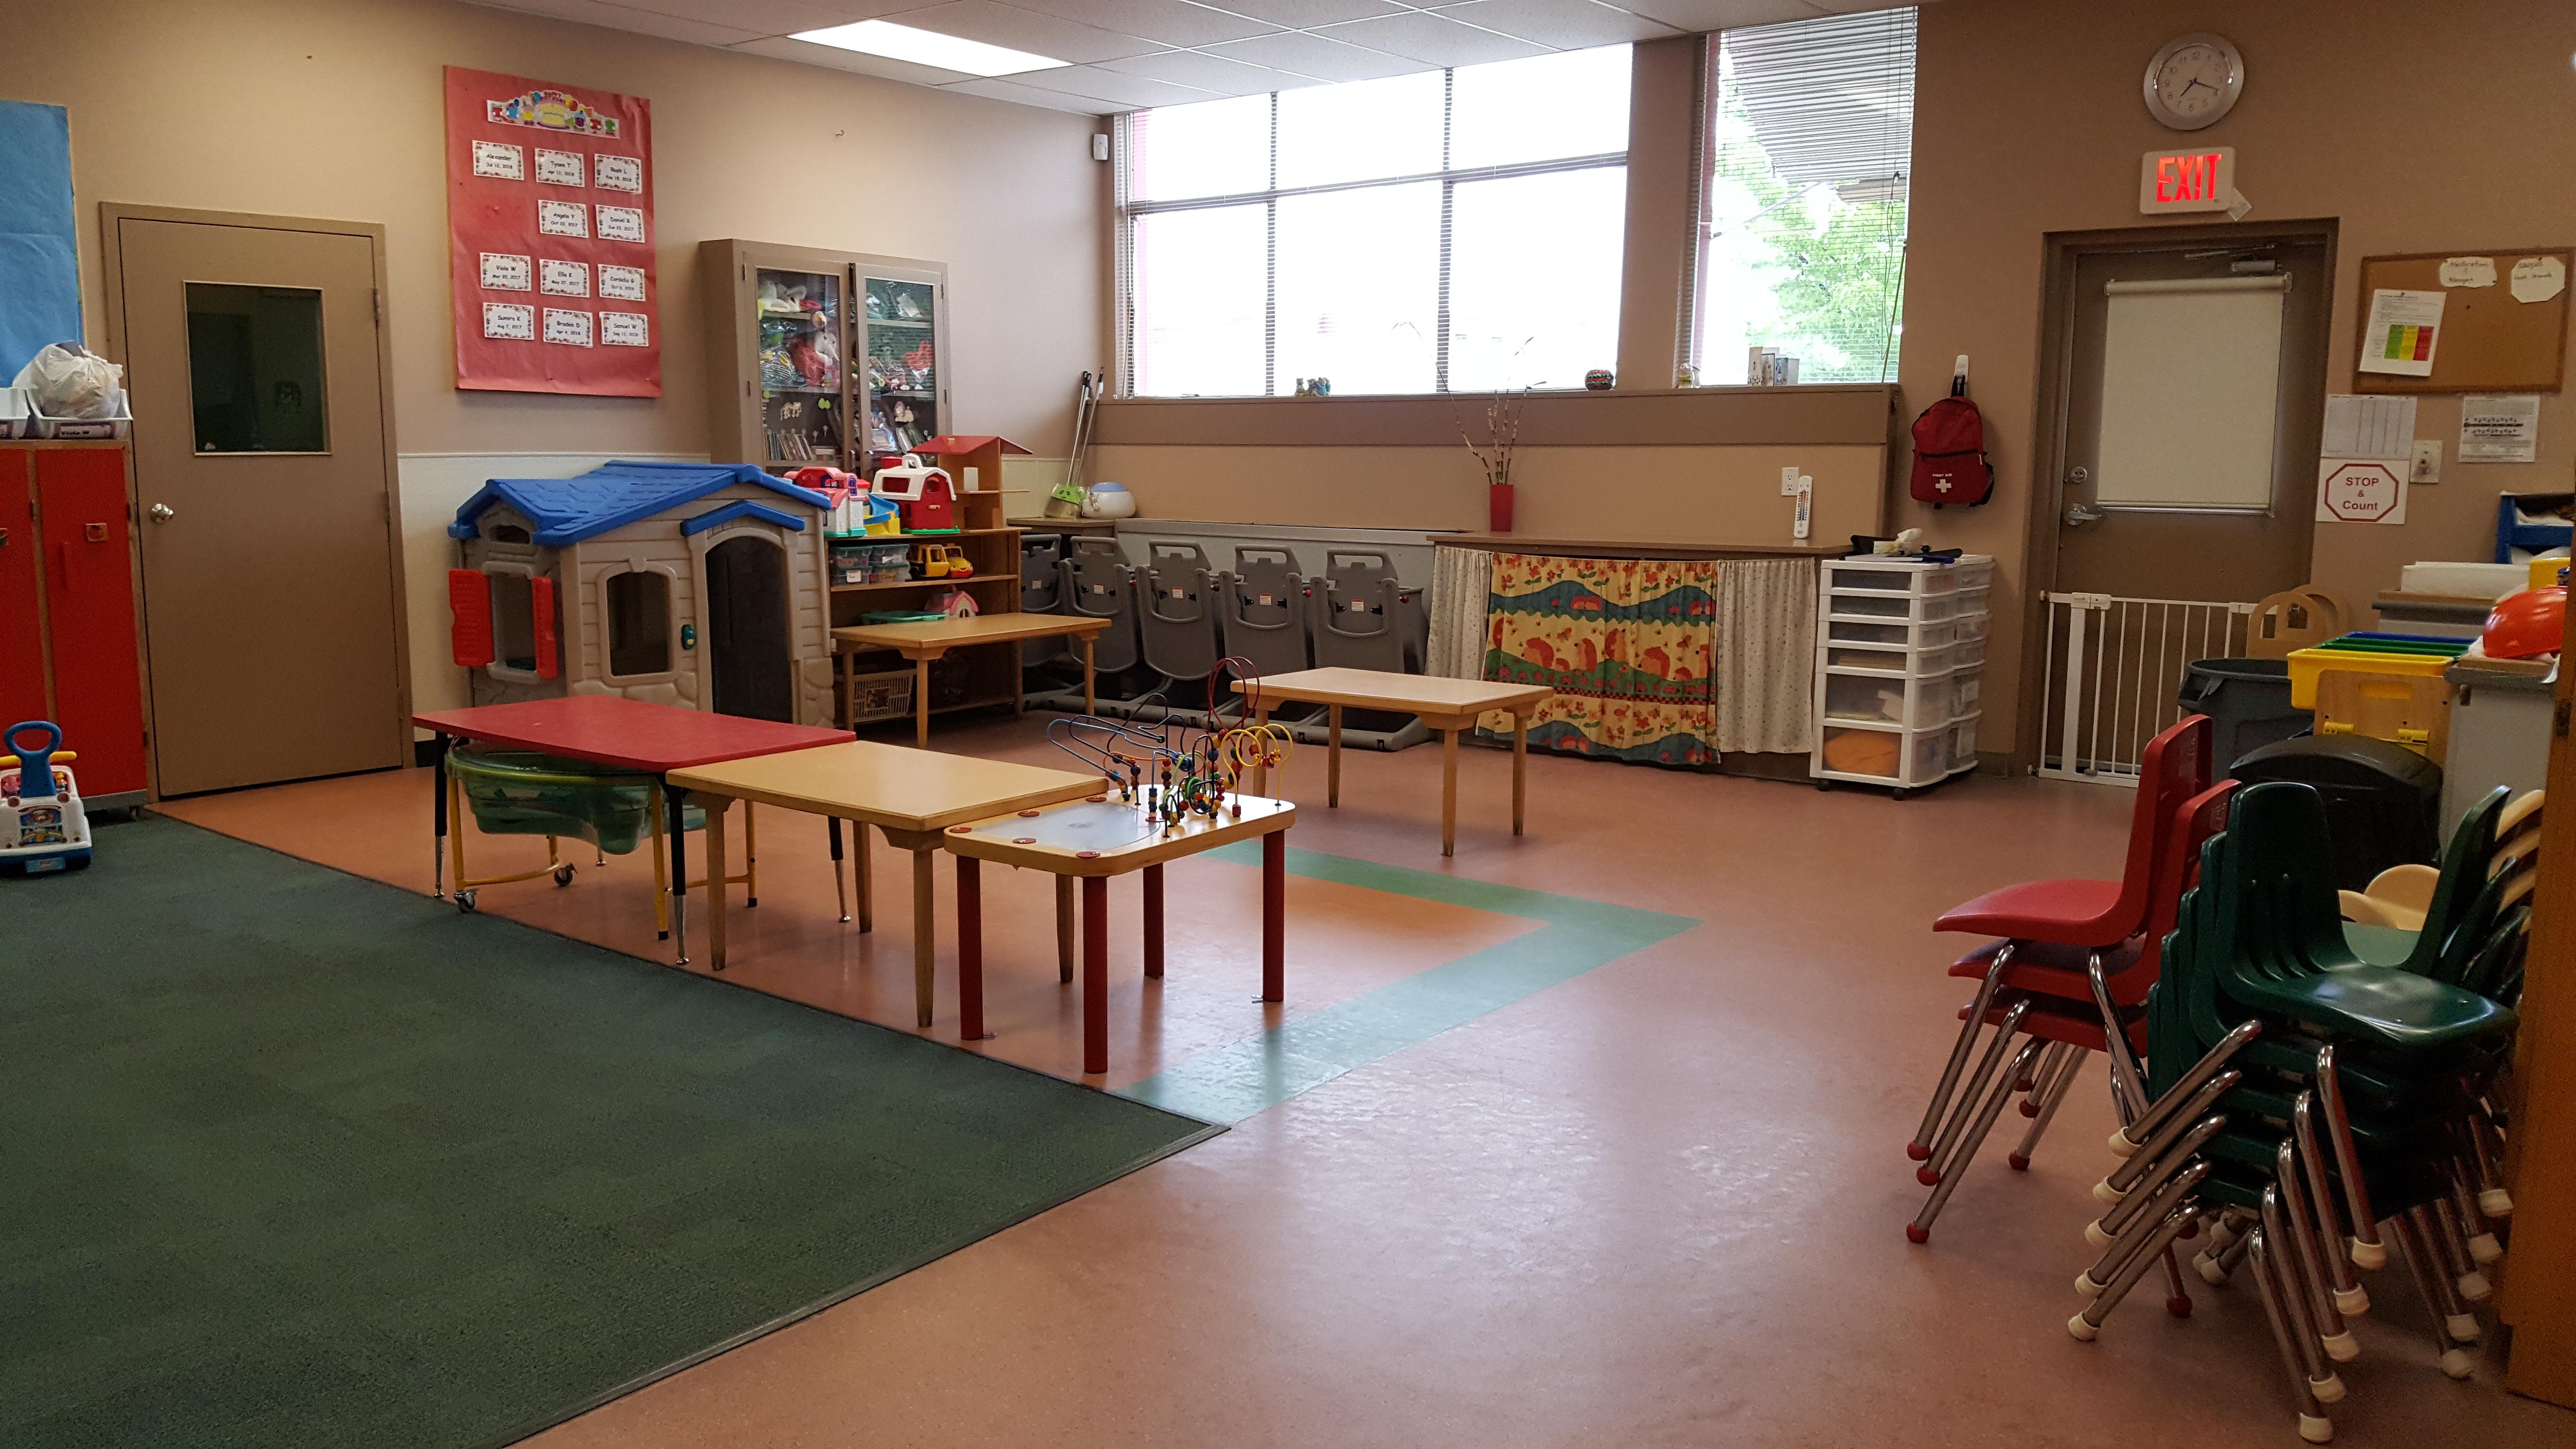 Nursery - children aged 4 months to 3 years